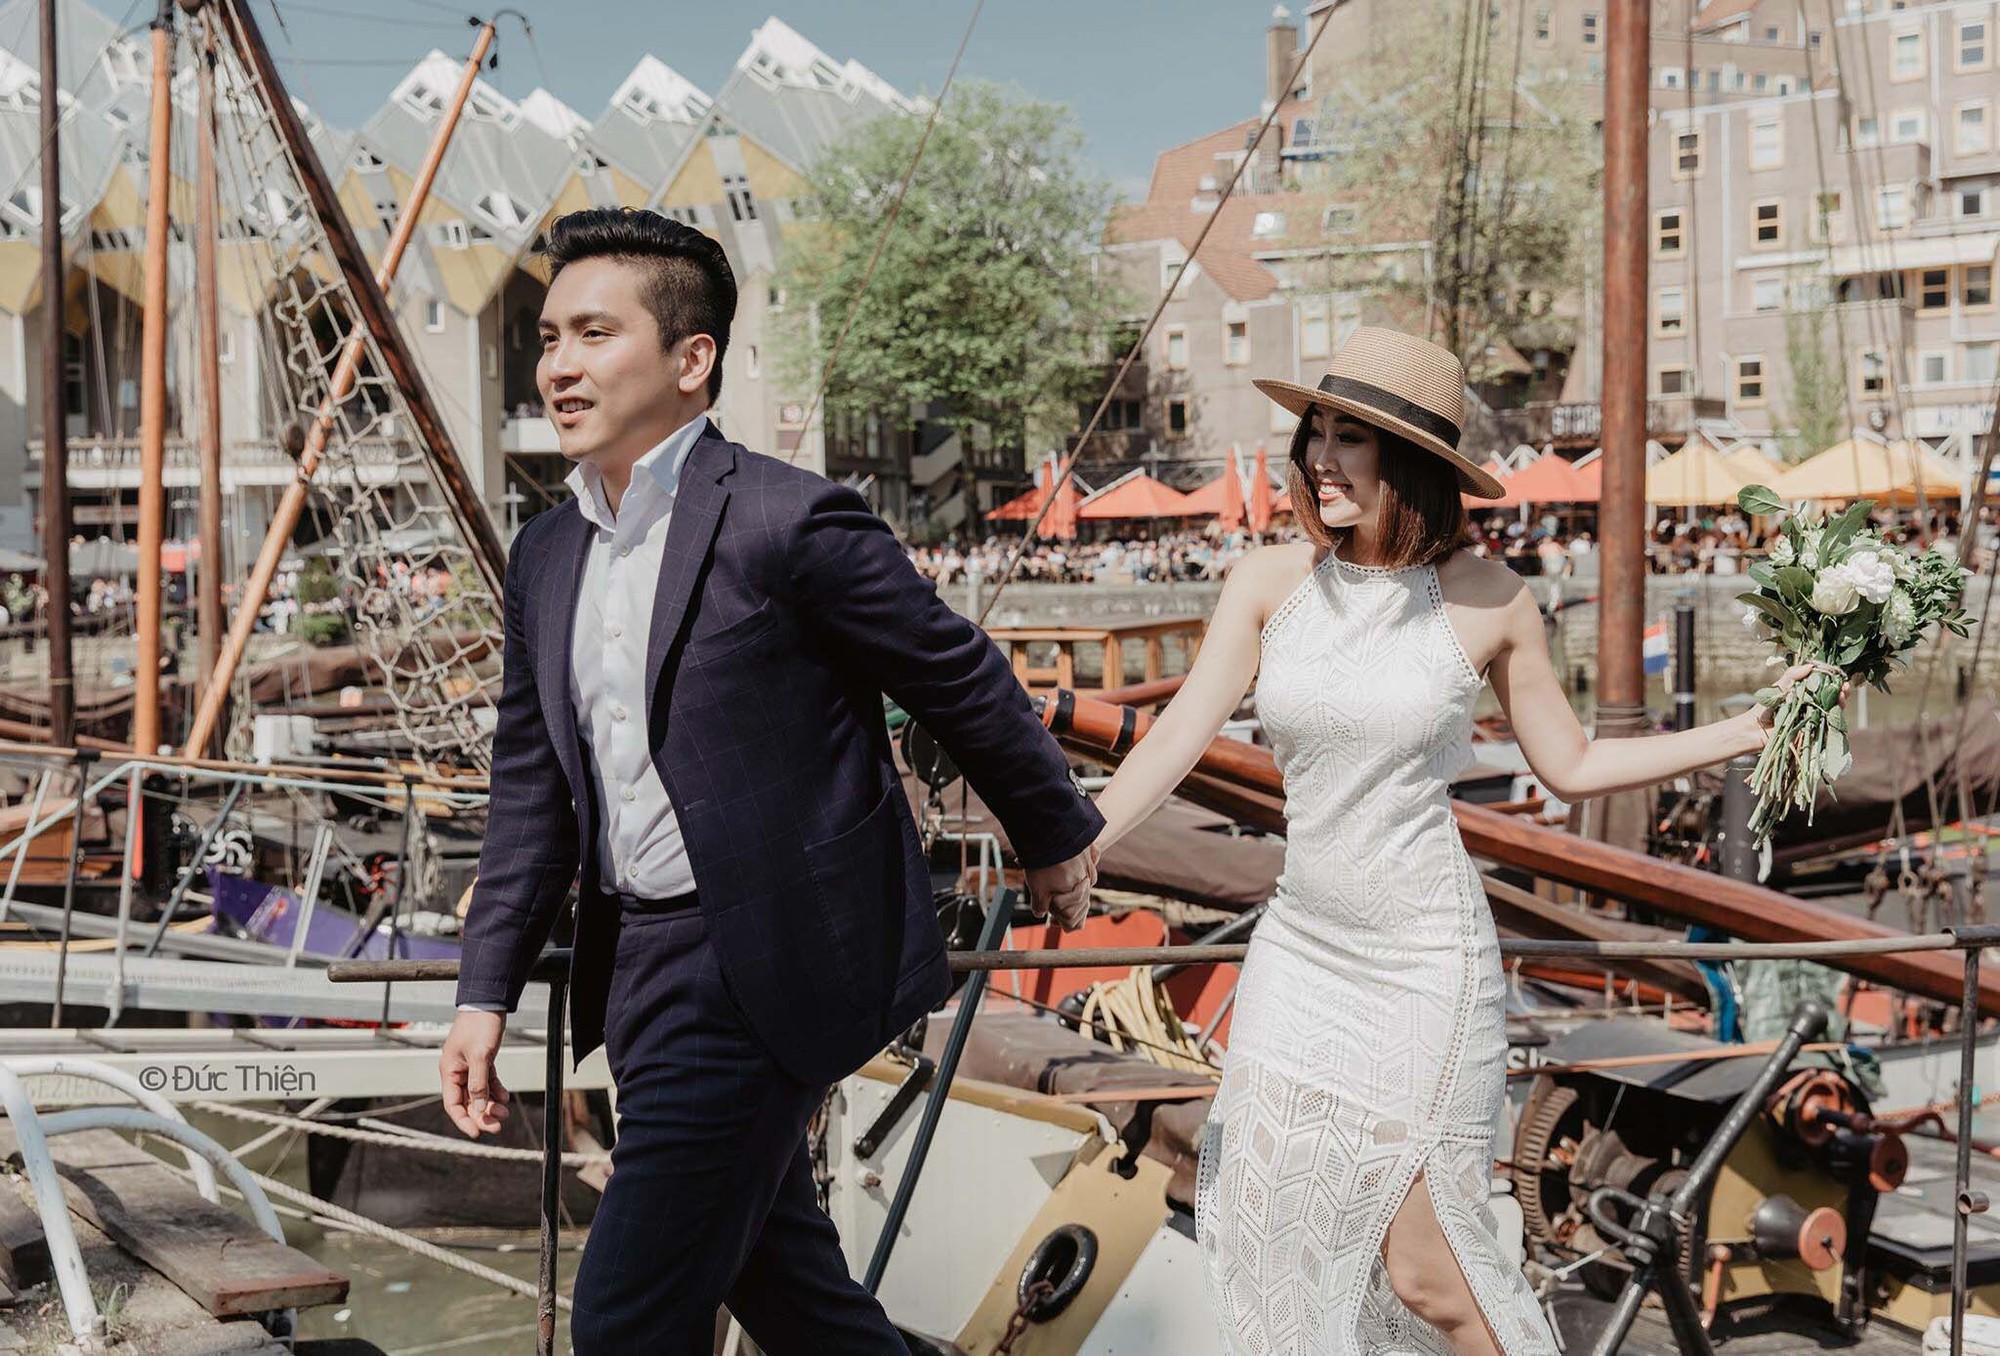 Chân dung bạn trai Việt Kiều vừa cầu hôn MC Liêu Hà Trinh   - Ảnh 6.